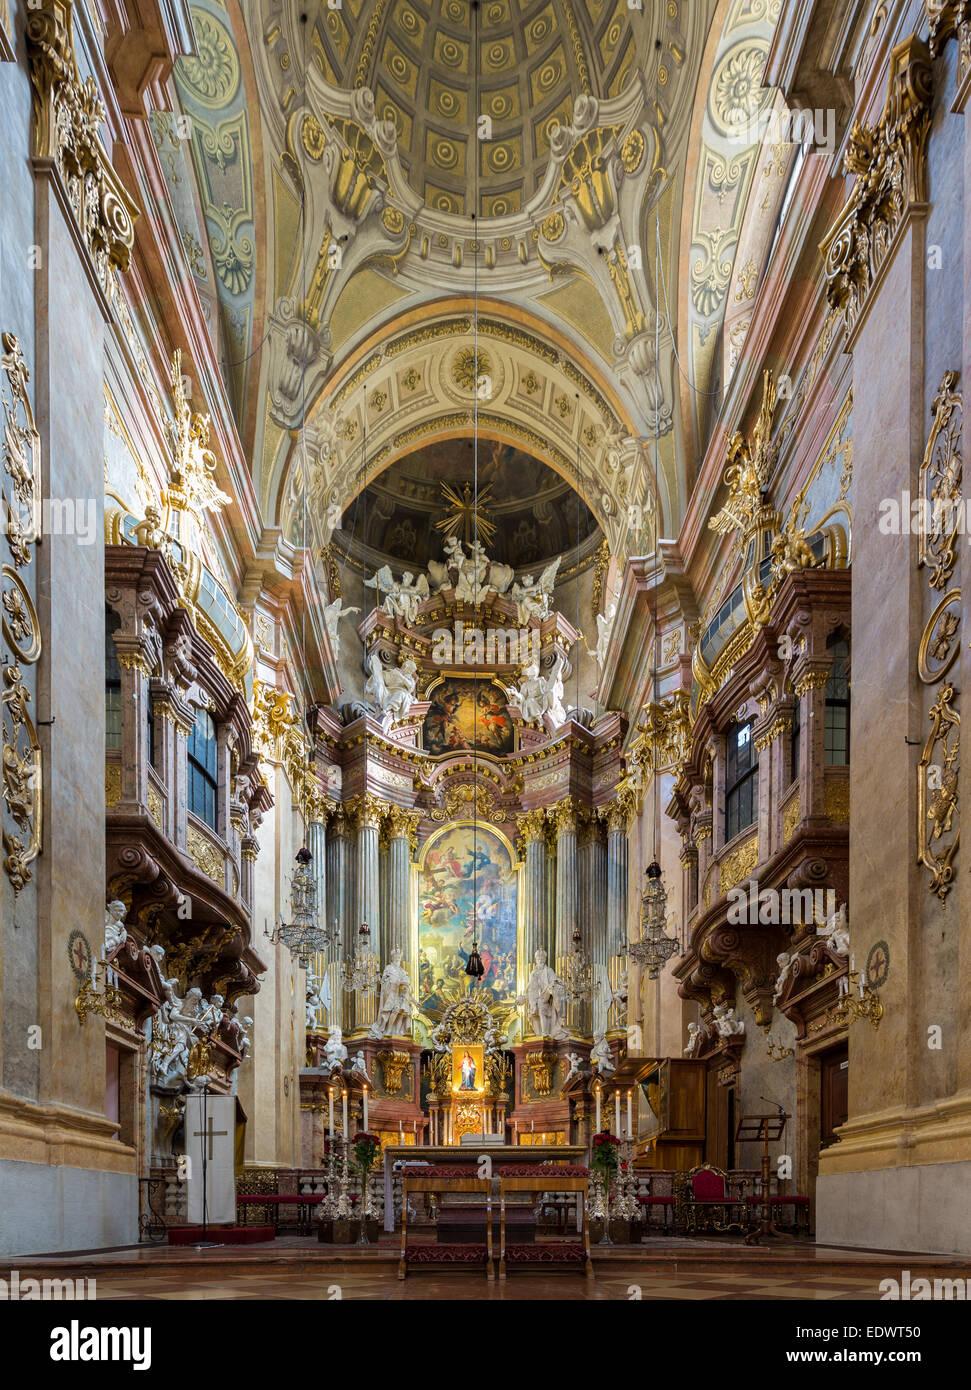 https://c8.alamy.com/compde/edwt50/altar-und-interieur-der-katholischen-pfarrkirche-st-peters-in-der-alten-stadt-wien-osterreich-edwt50.jpg